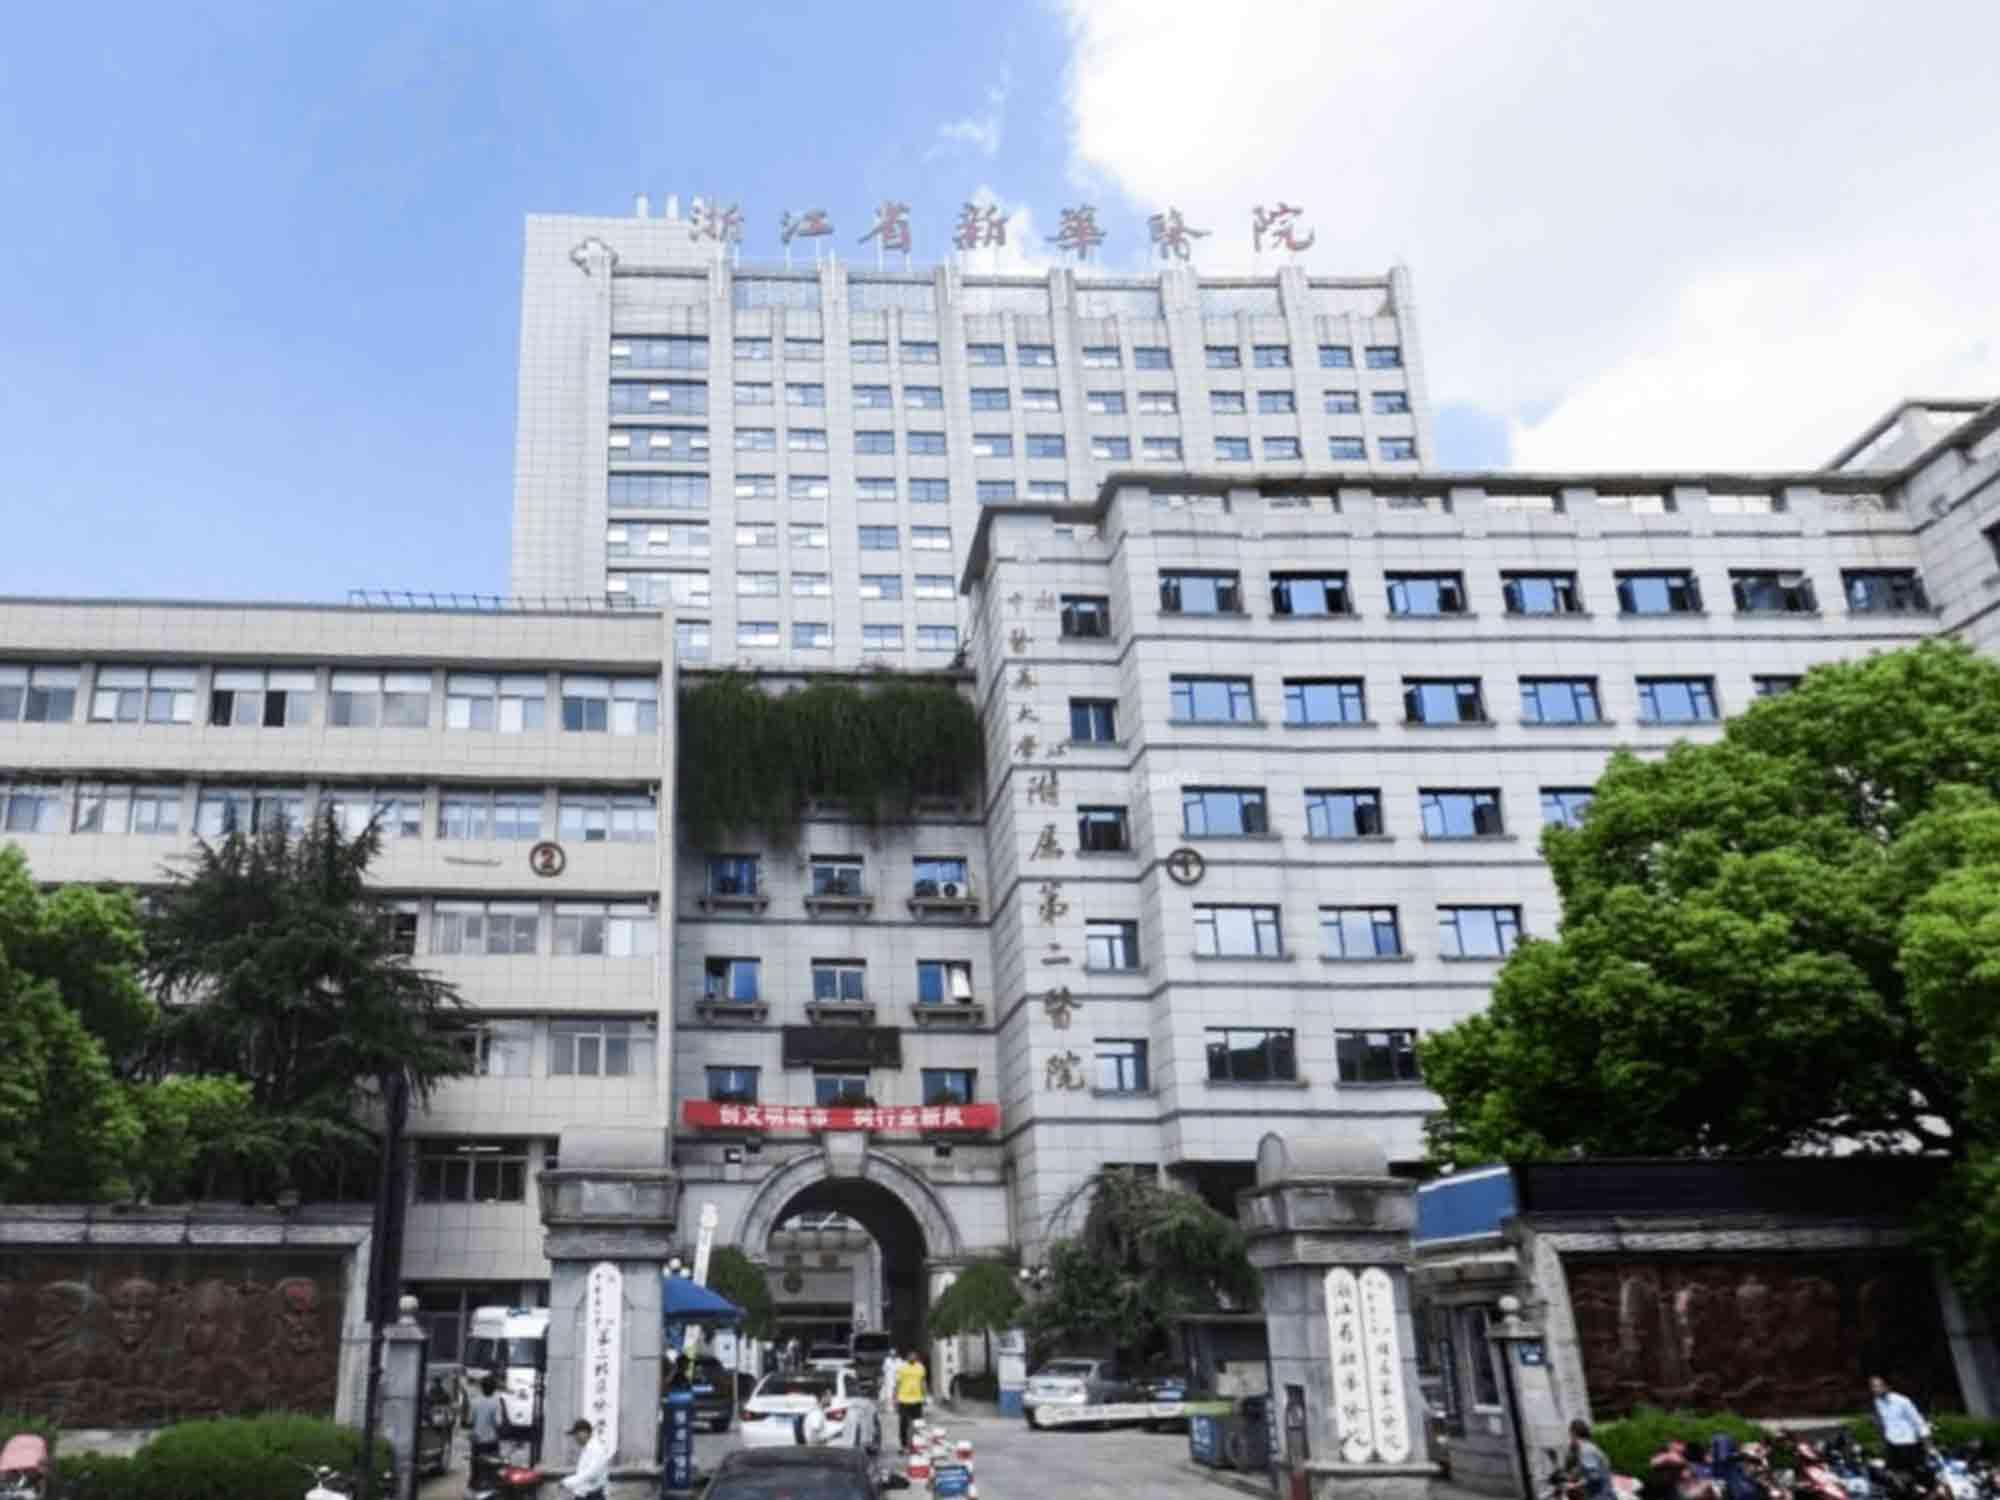 浙江中医药大学附属第二医院(浙江新华医院)体检中心